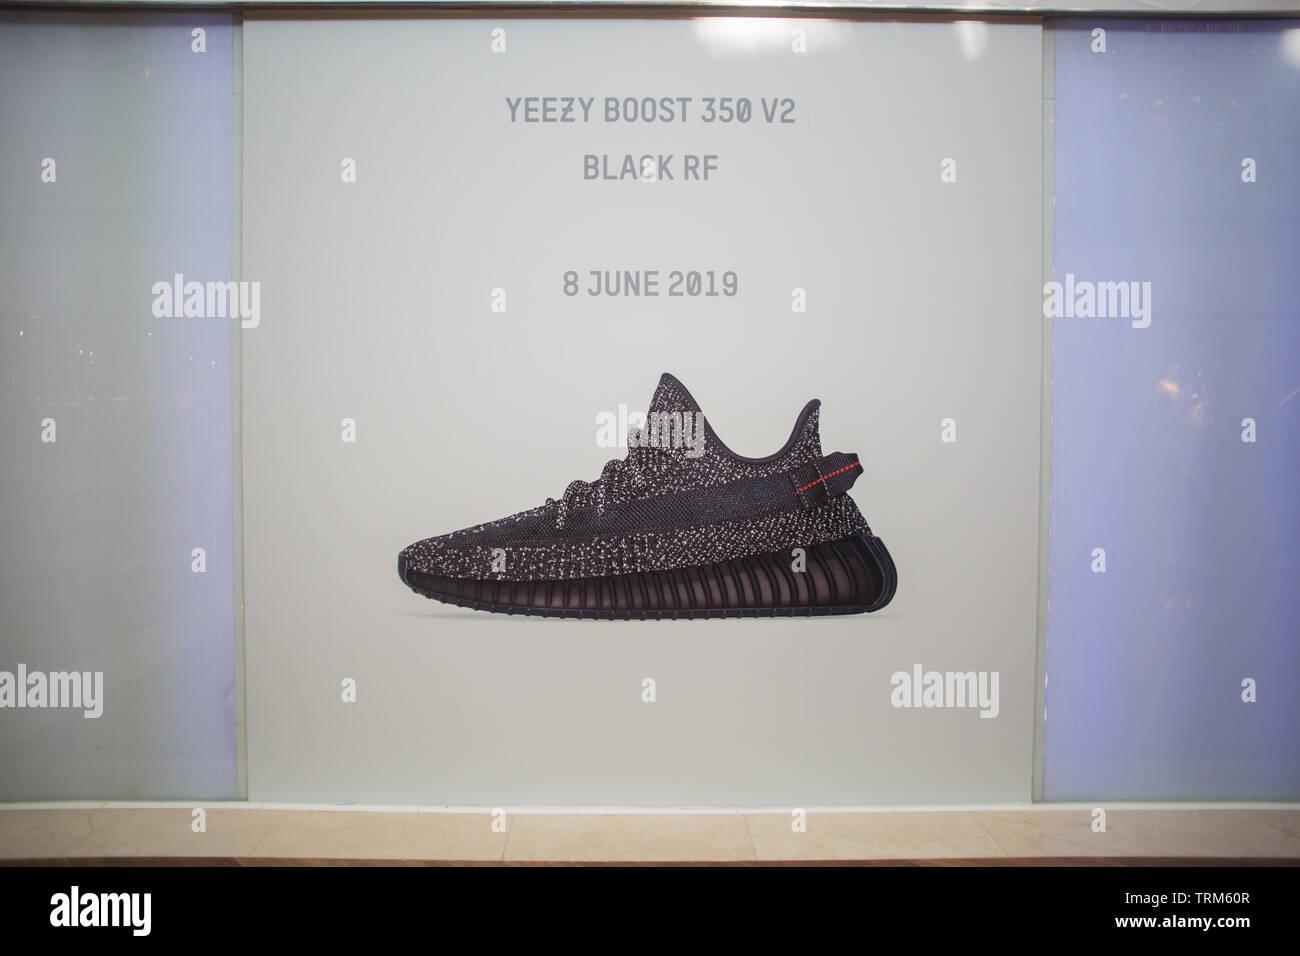 Adidas Black Sneakers Imágenes De Stock & Adidas Black